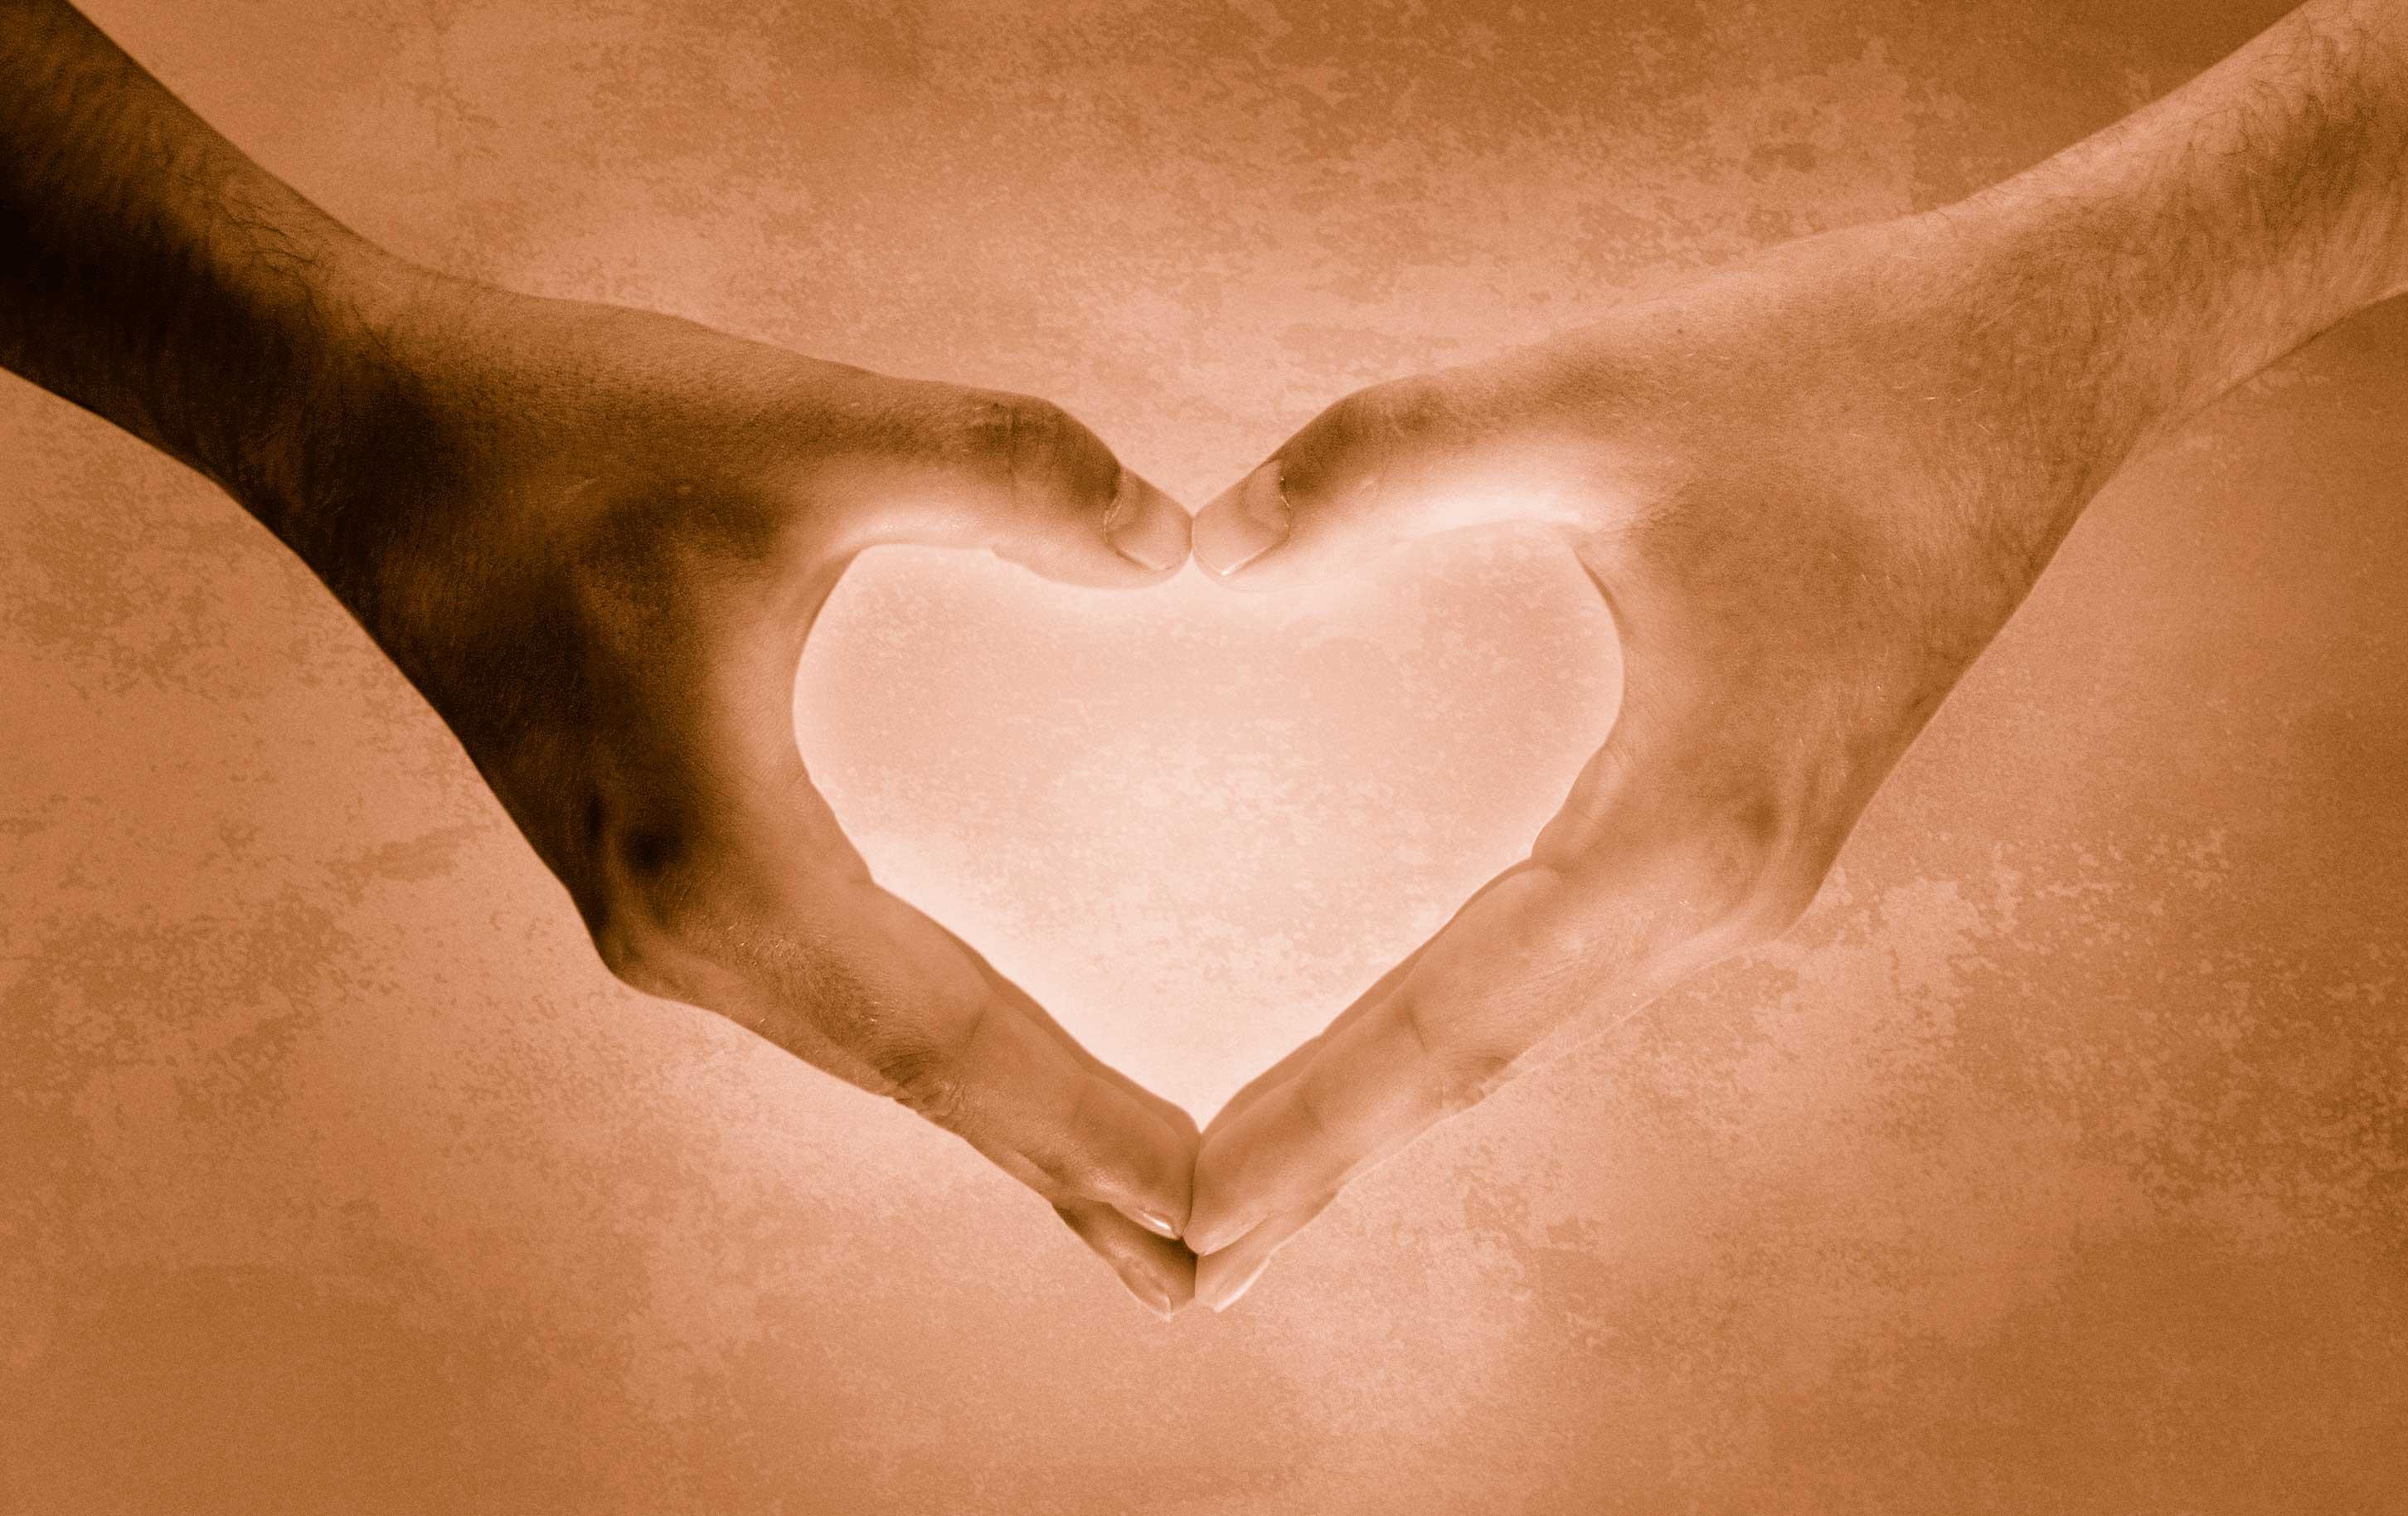 сердце из рук, фото, hands heart